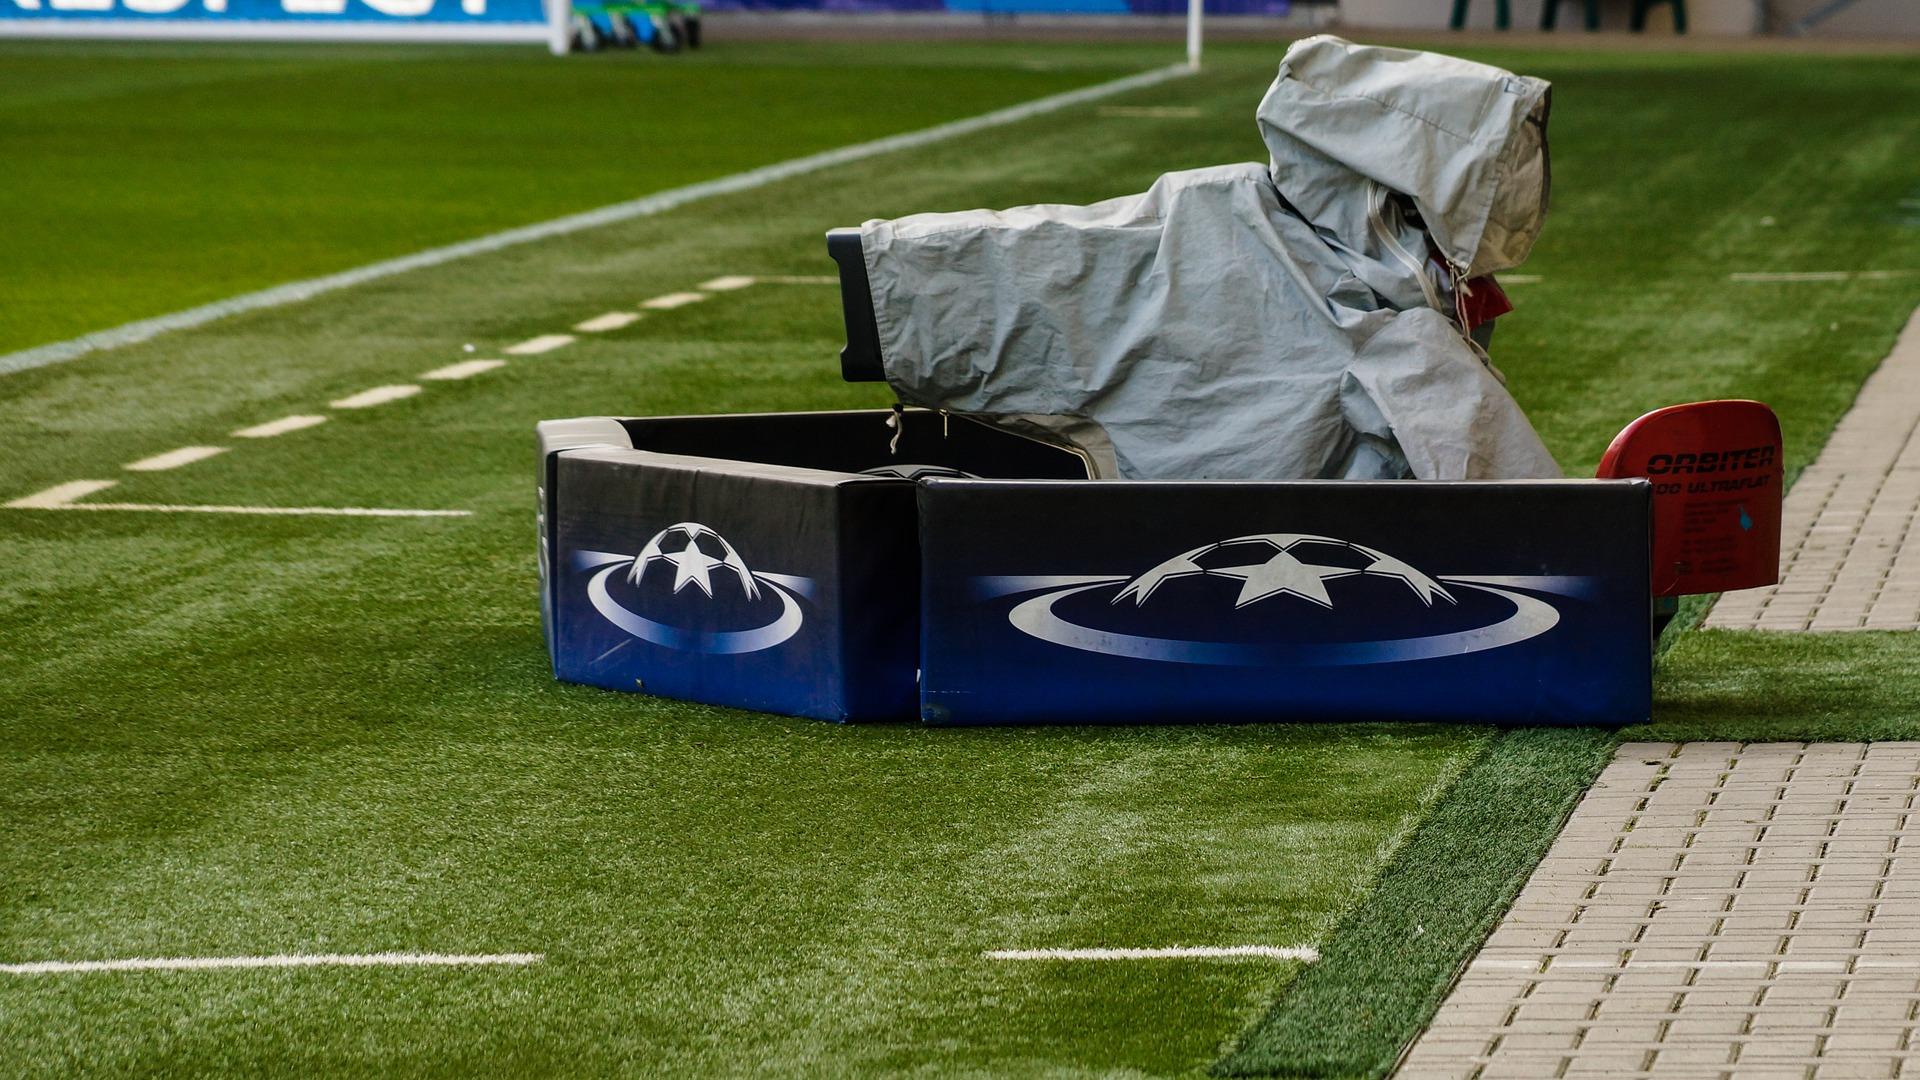 Coronavirus: UEFA setzt vorerst alle Spiele aus